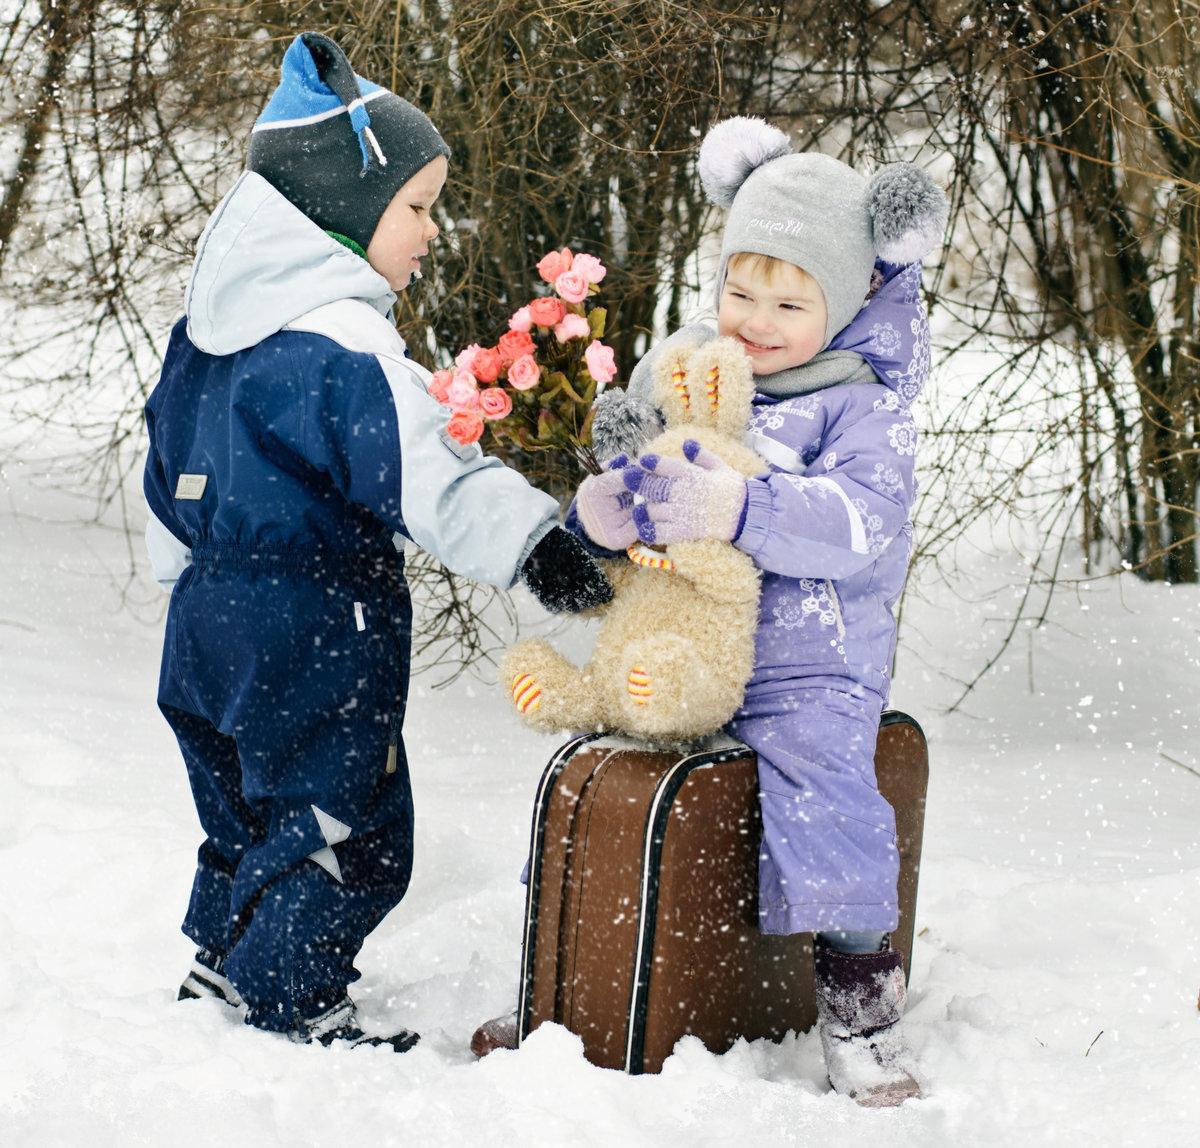 черепахи граненых фотосессия с детьми зимние этом коллеги